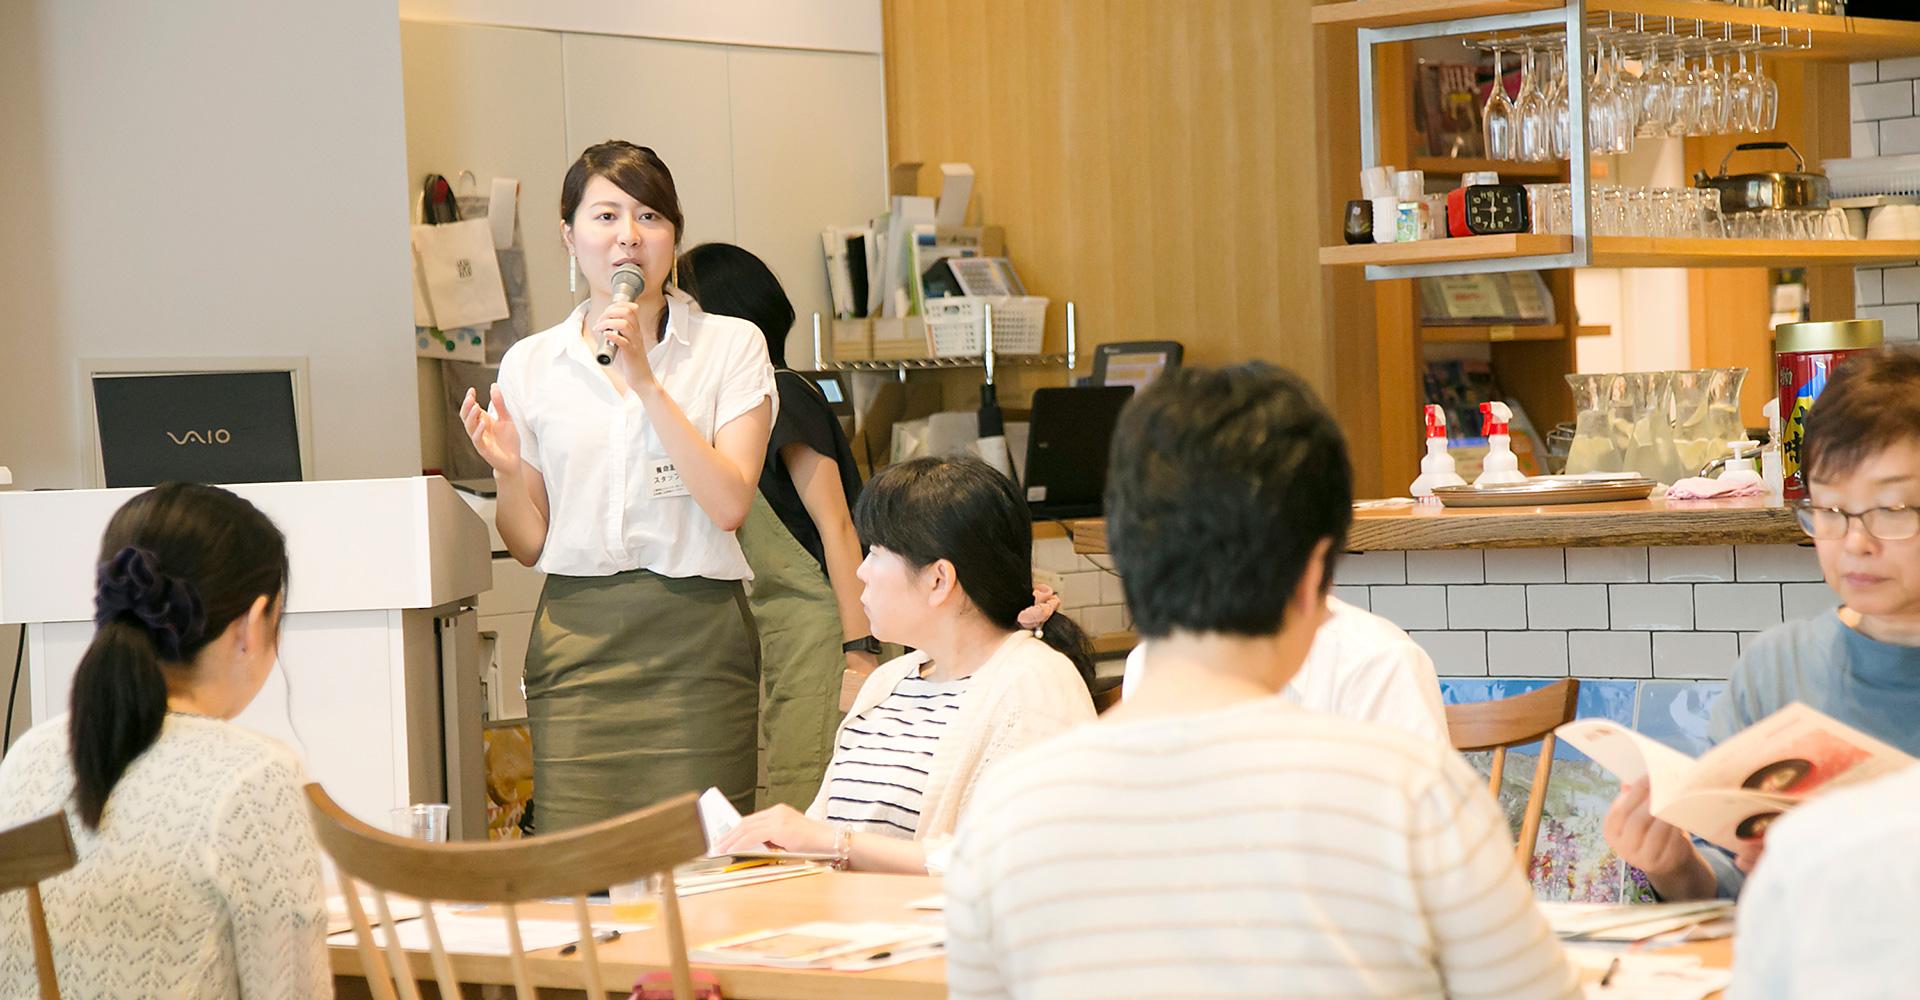 「しあわせ信州健康セミナー」 今日からできる夏バテ対策~東洋医学に学ぶ夏のケア~